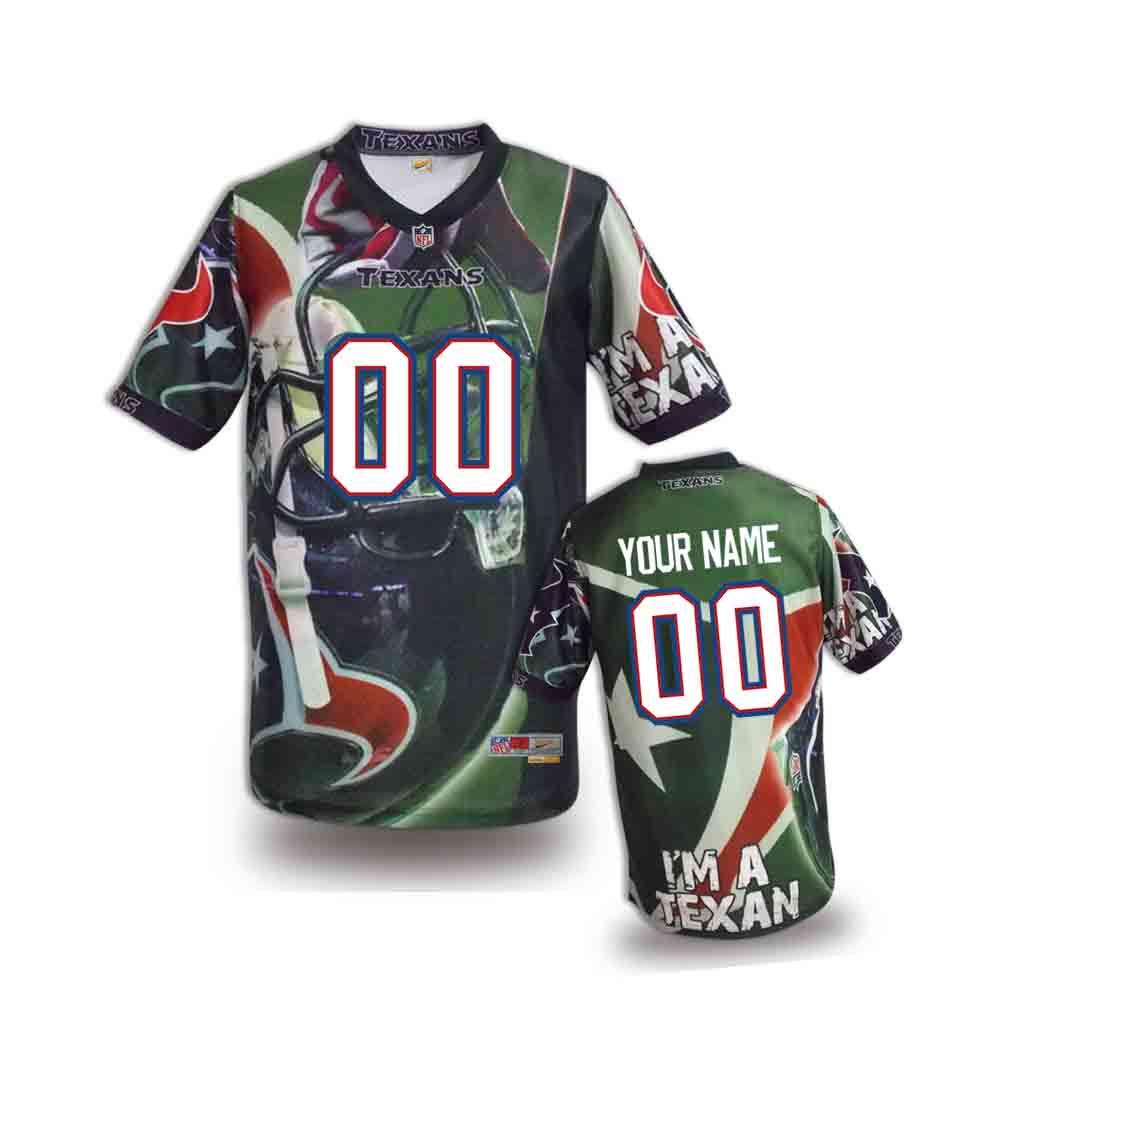 Nike Texans Customized Fashion Stitched Youth Jerseys02